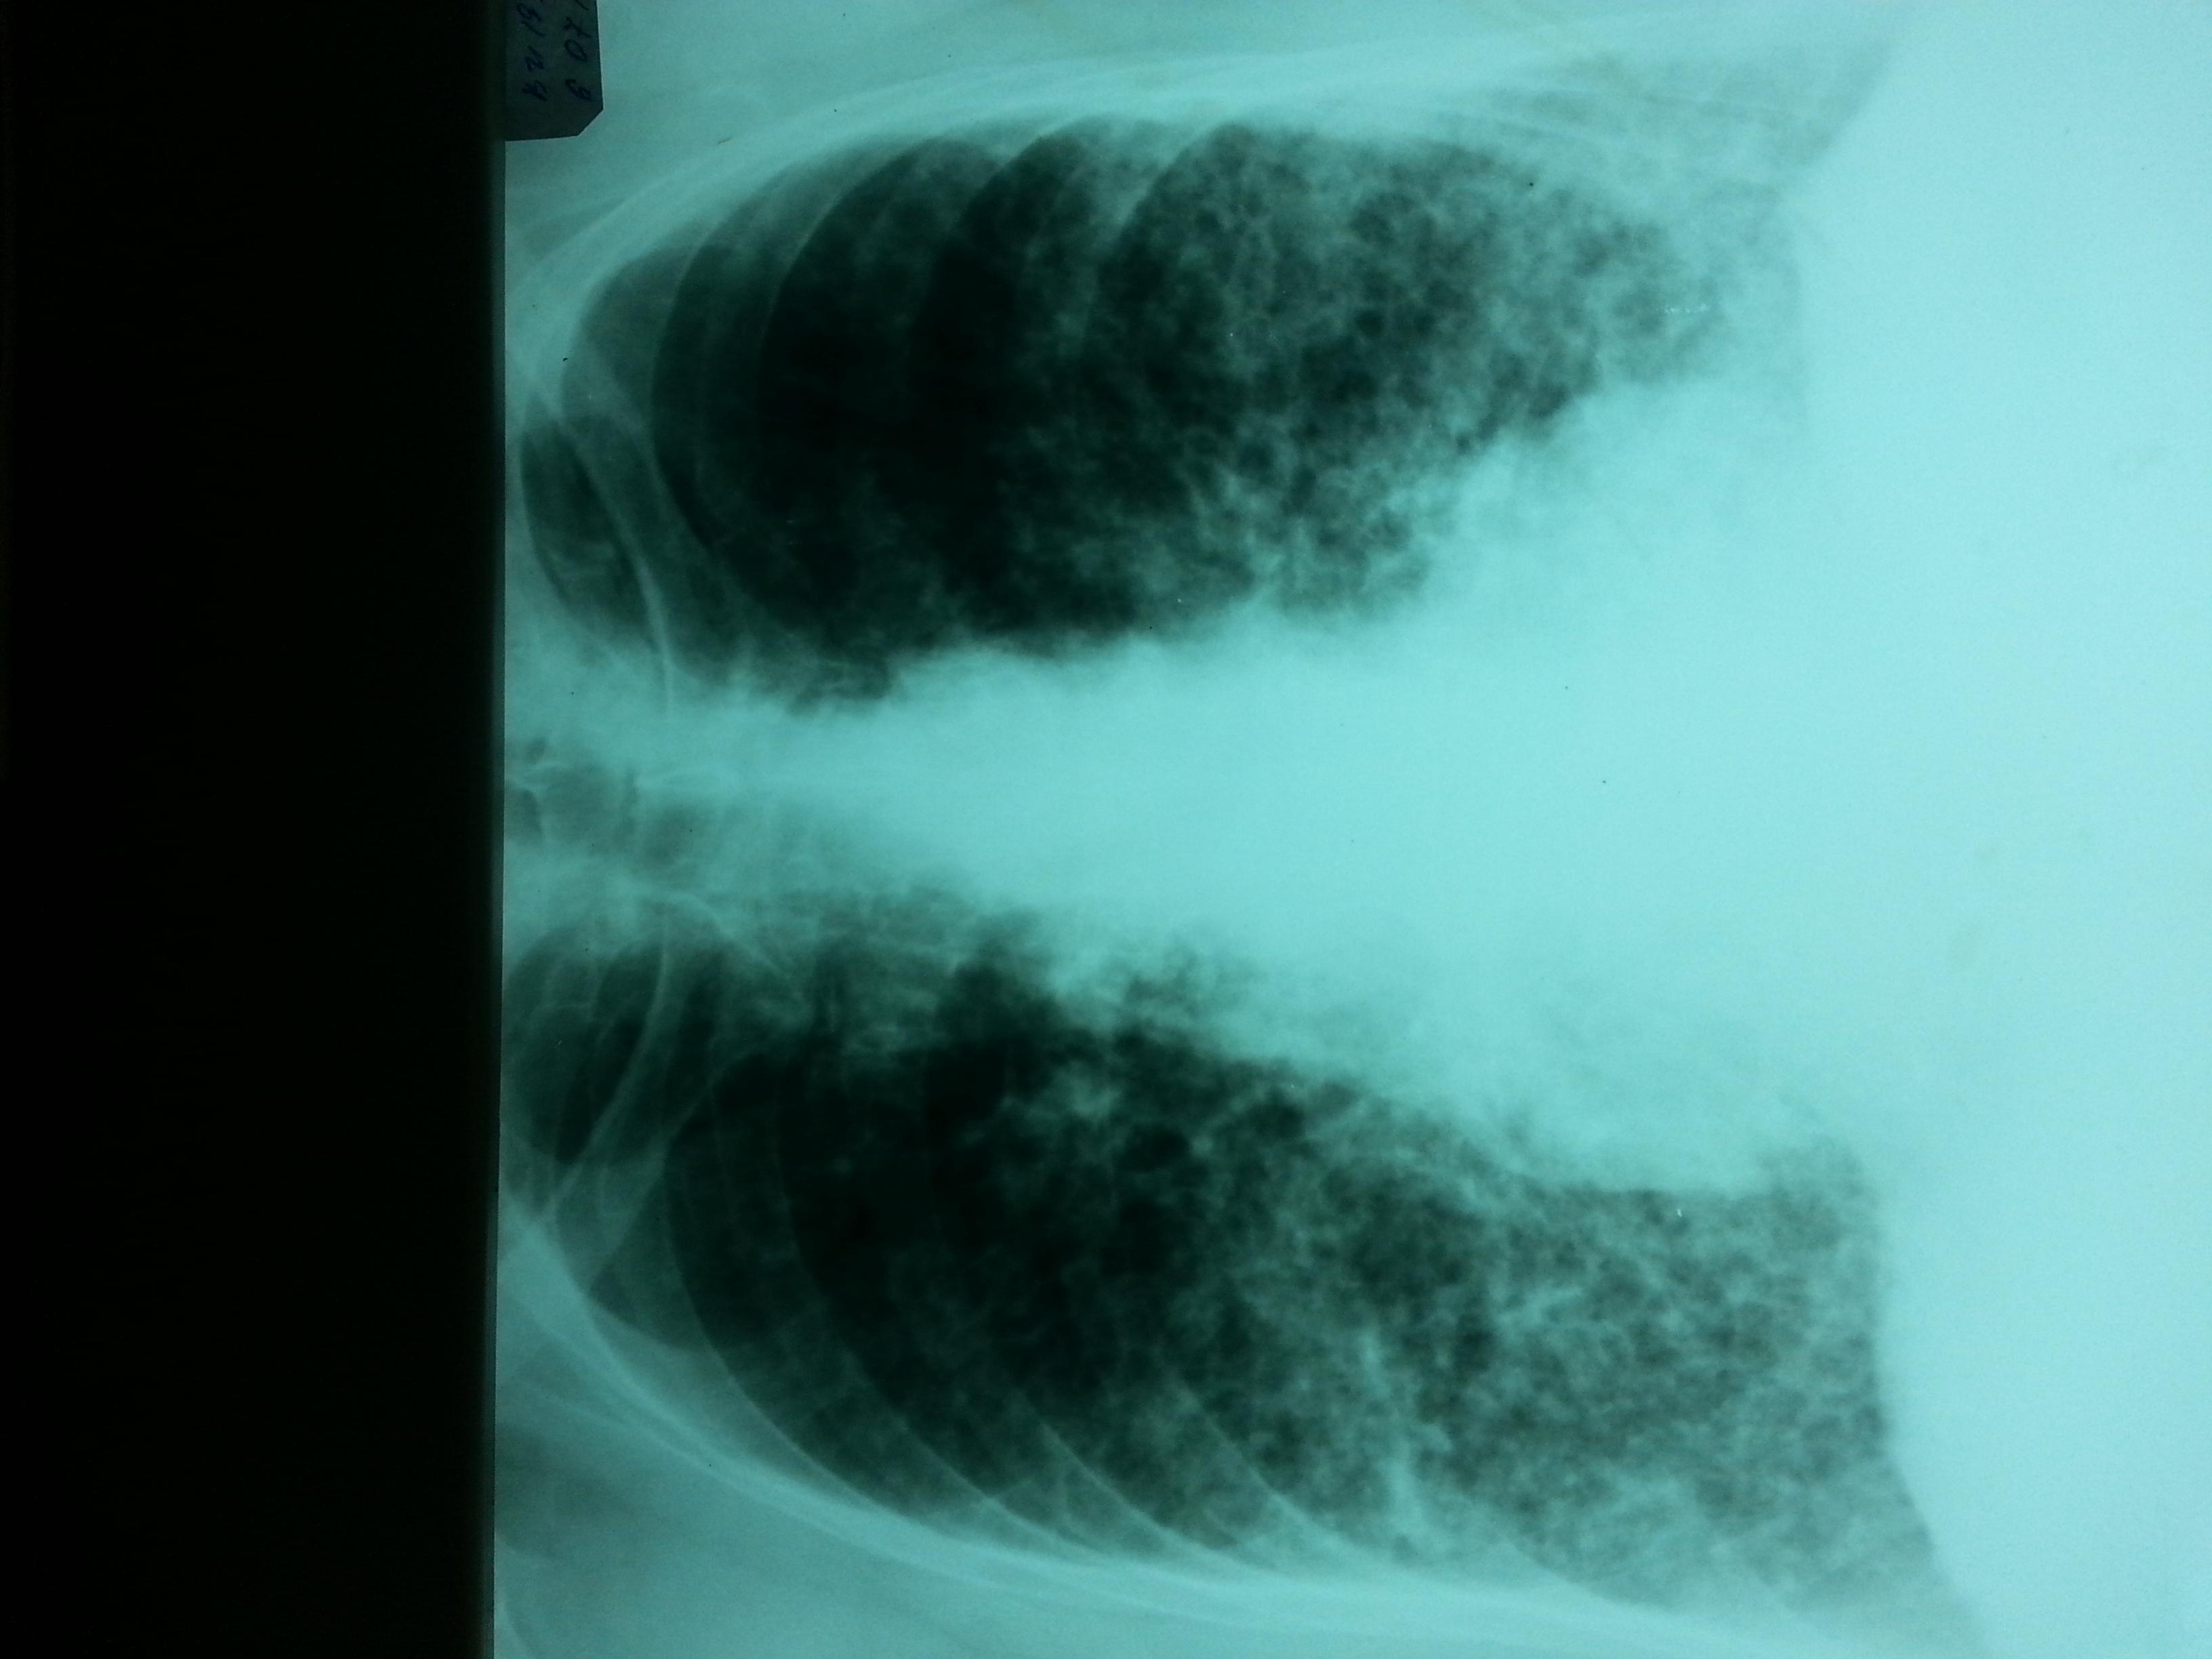 Пневмофиброз легких лечение народными средствами | портал о народной медицине